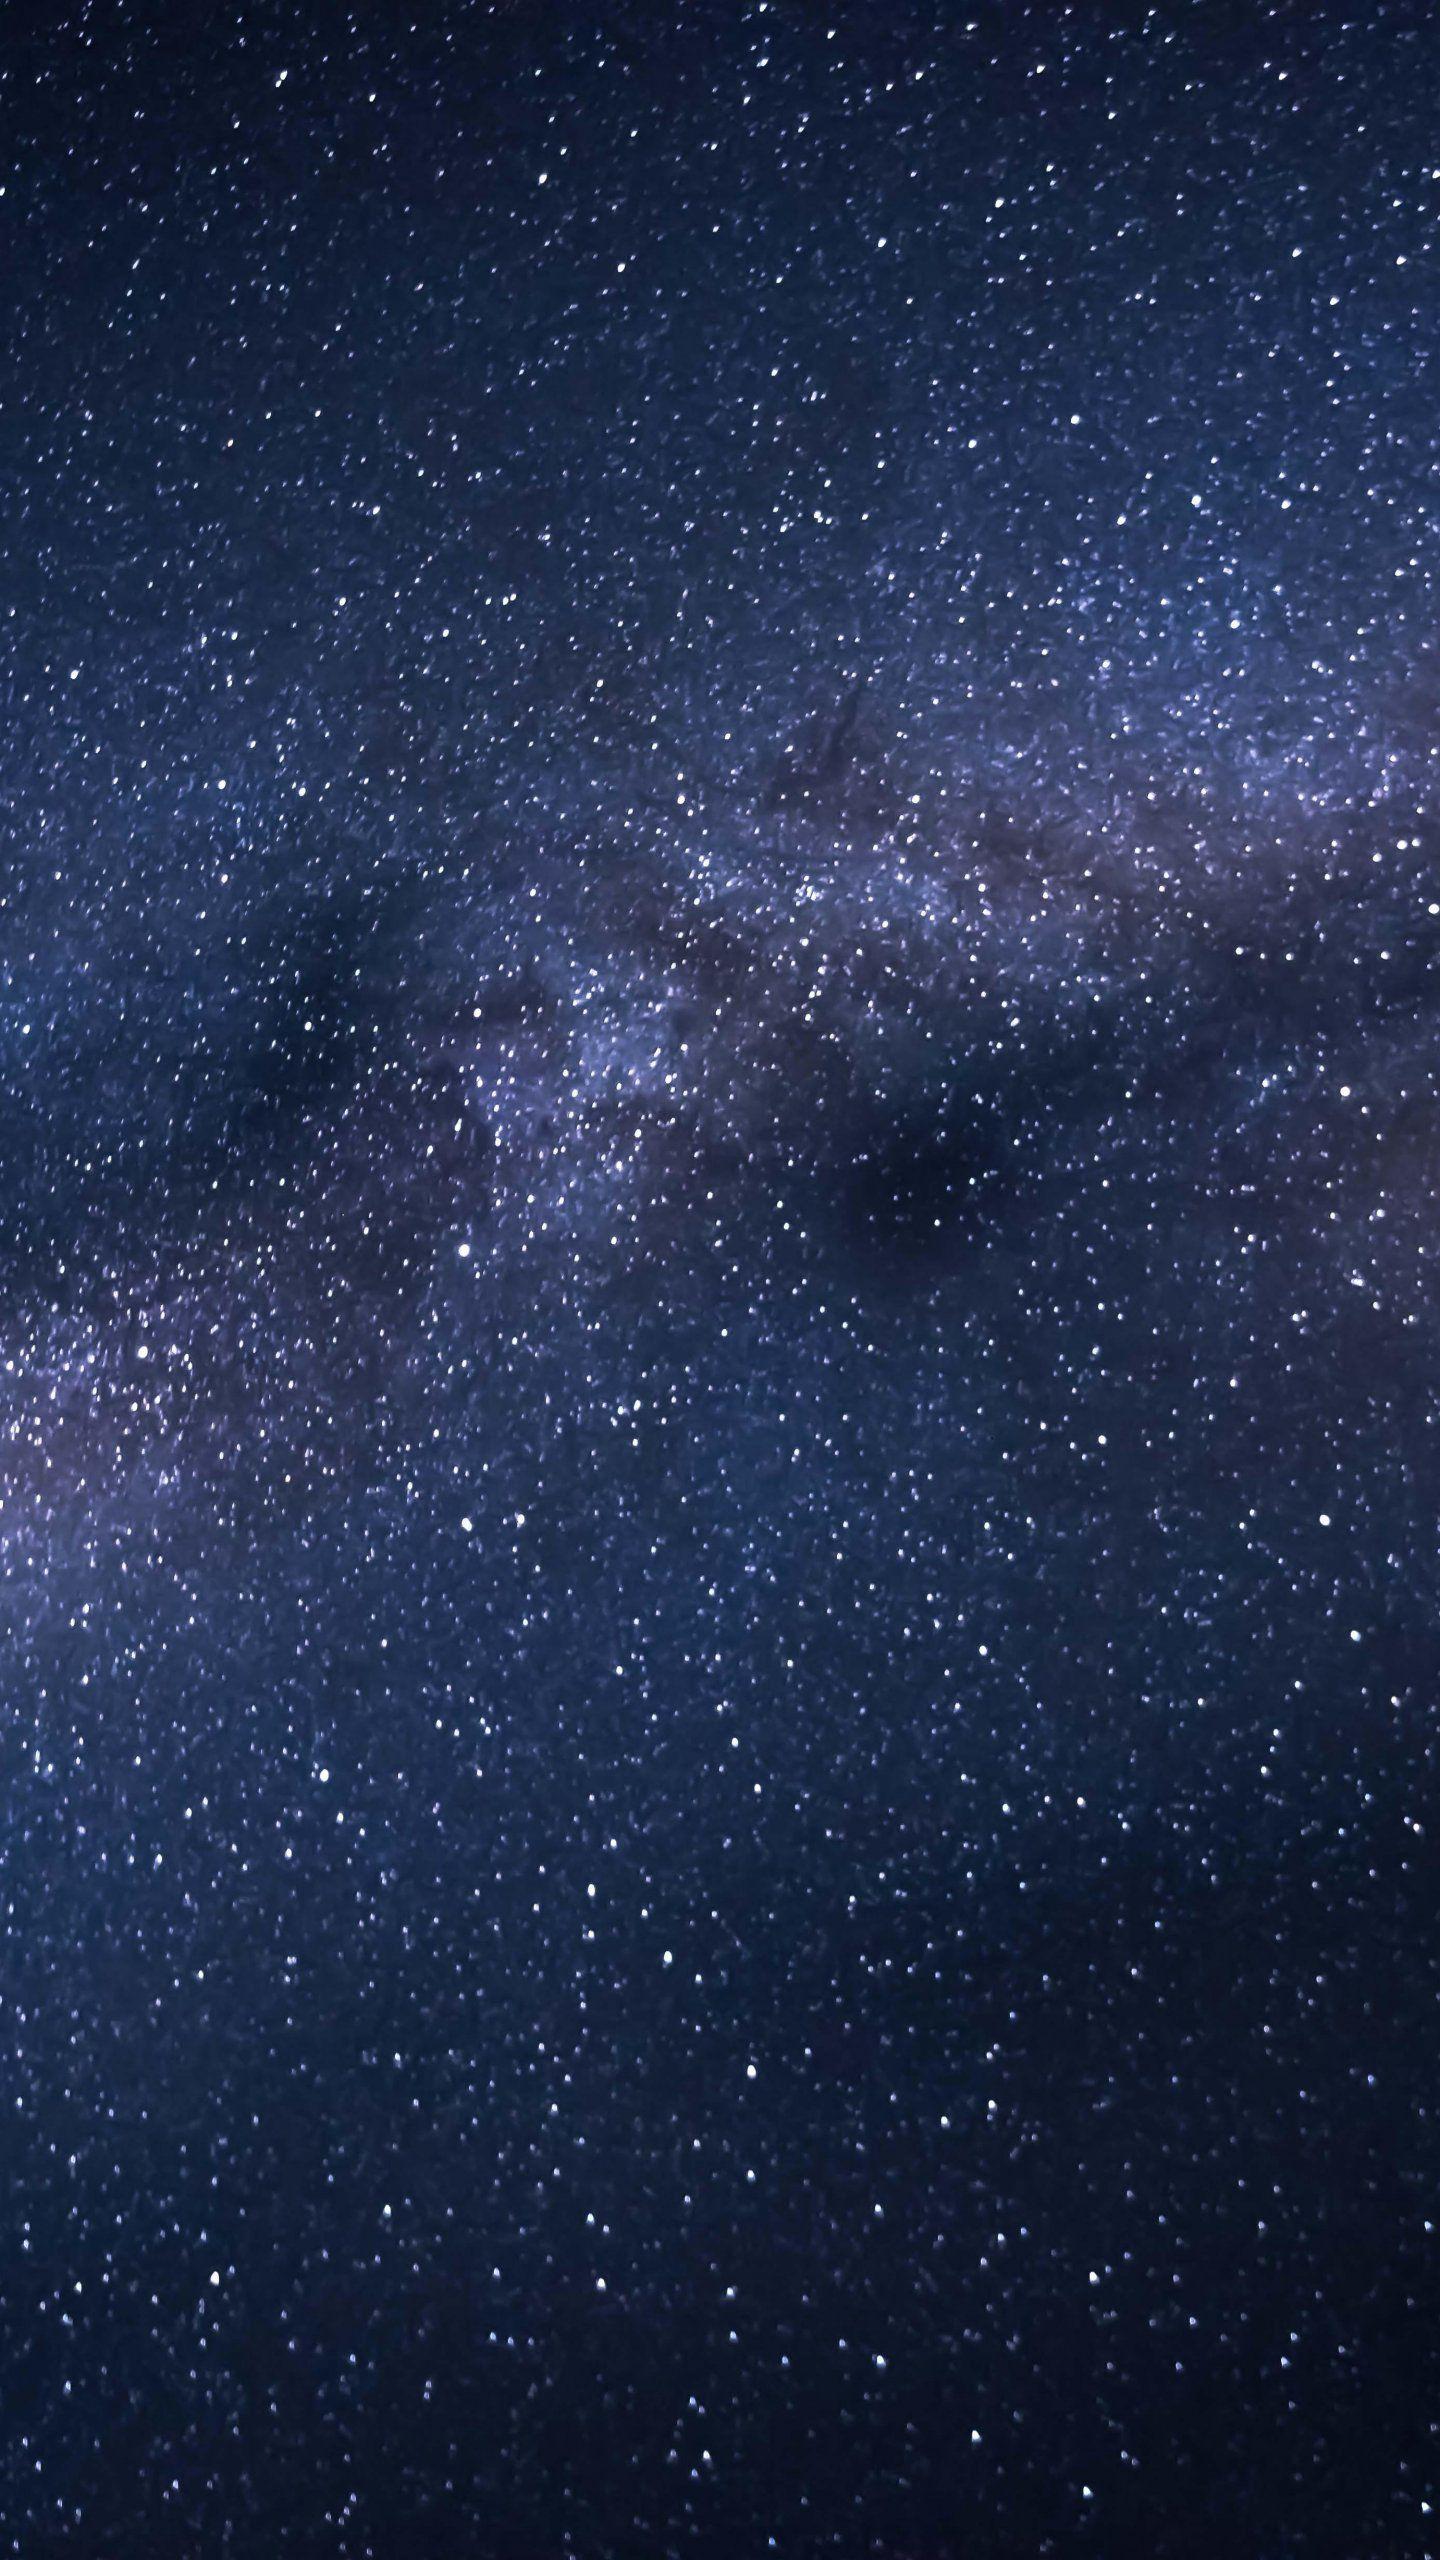 Galaxy Background Hd Portrait